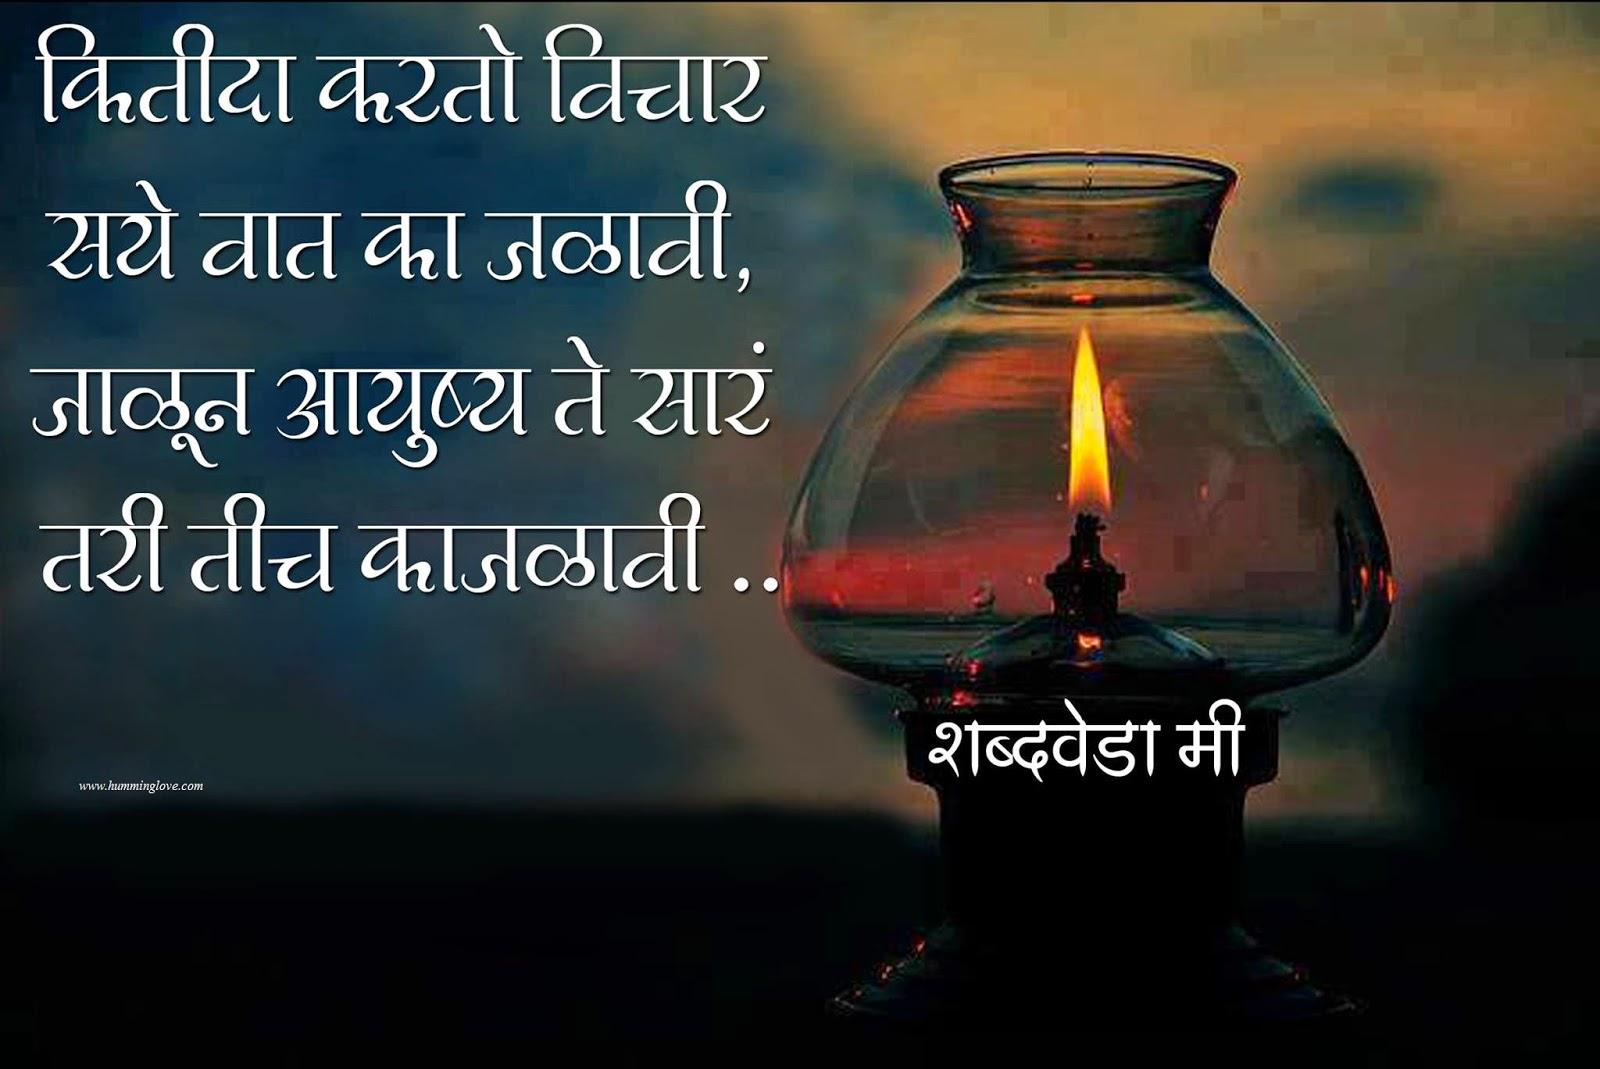 marathi quotes Marathi makar sankranti wishes 2018, best happy makar sankranti marathi sms quotes, makar sankranti 2018 wishes in marathi, happy makar sankranti quotes in marathi 2018.